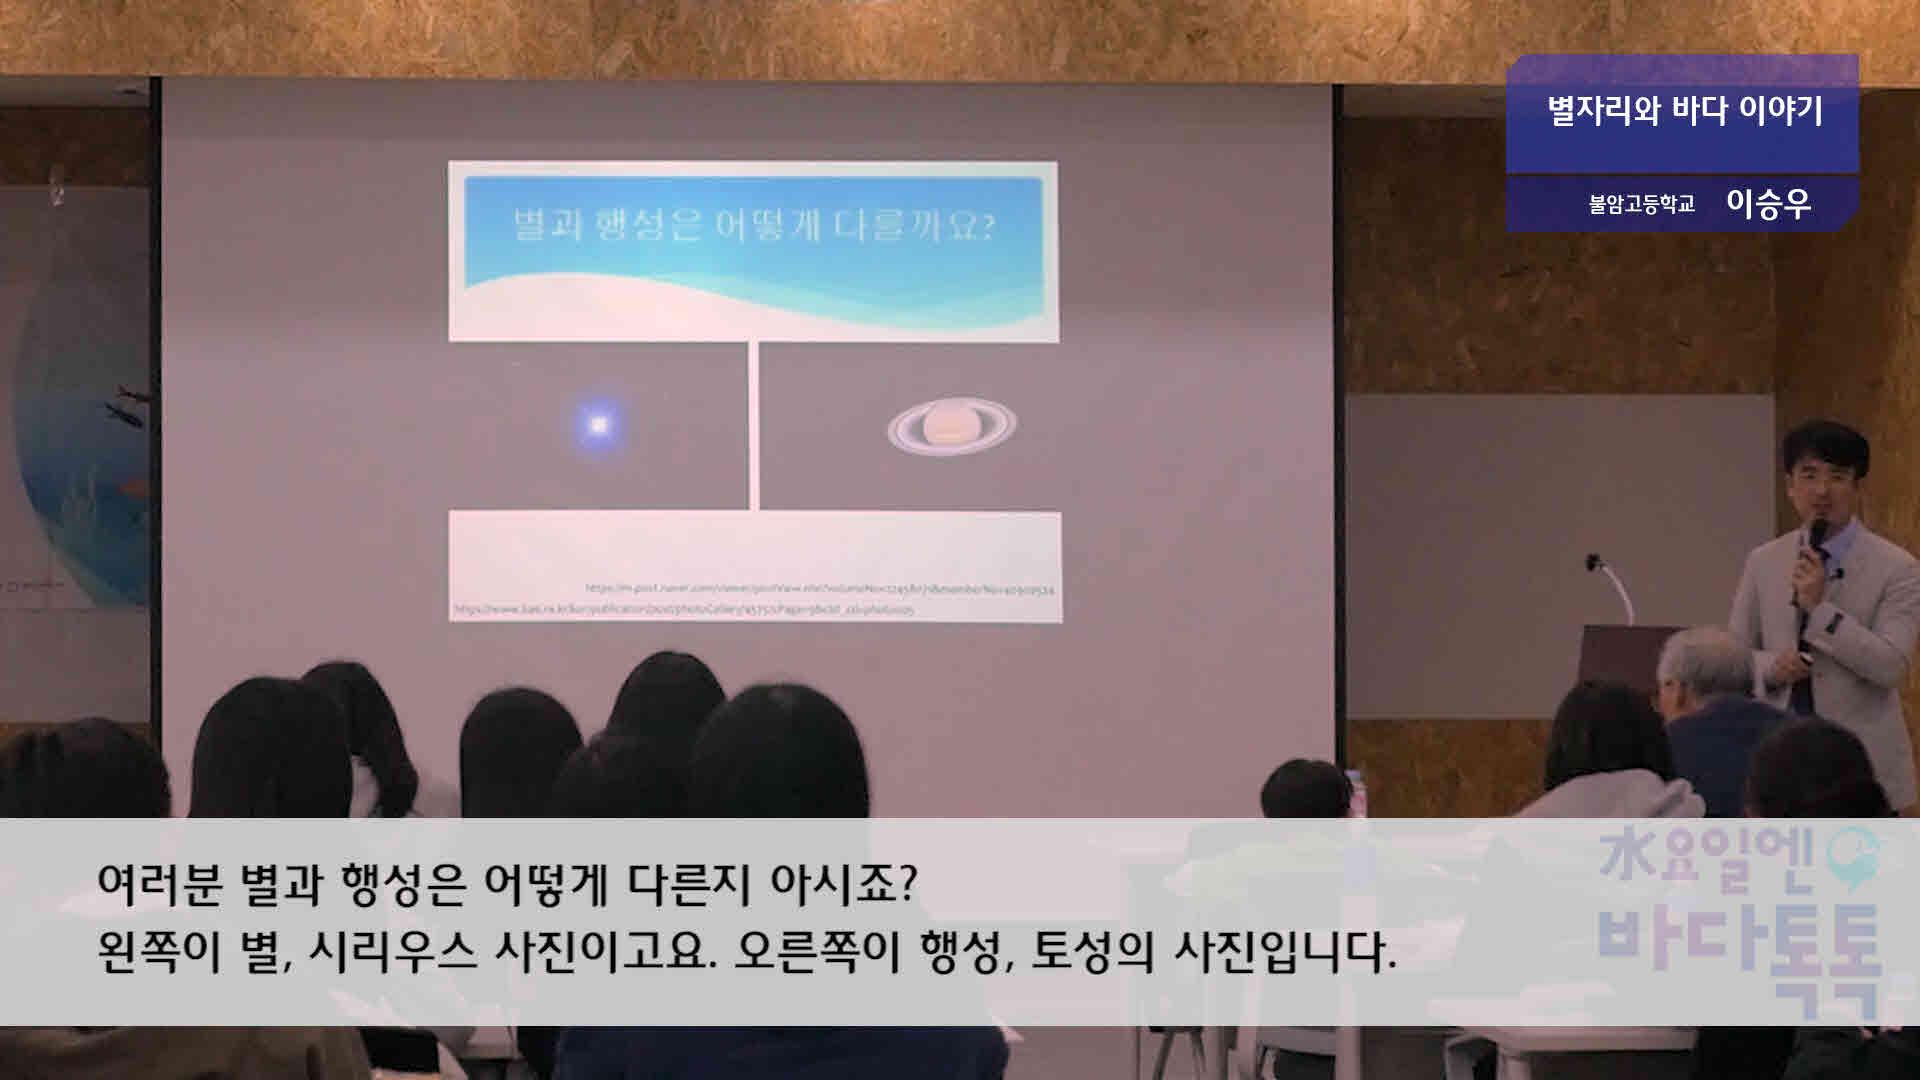 서울 11회 도입강연